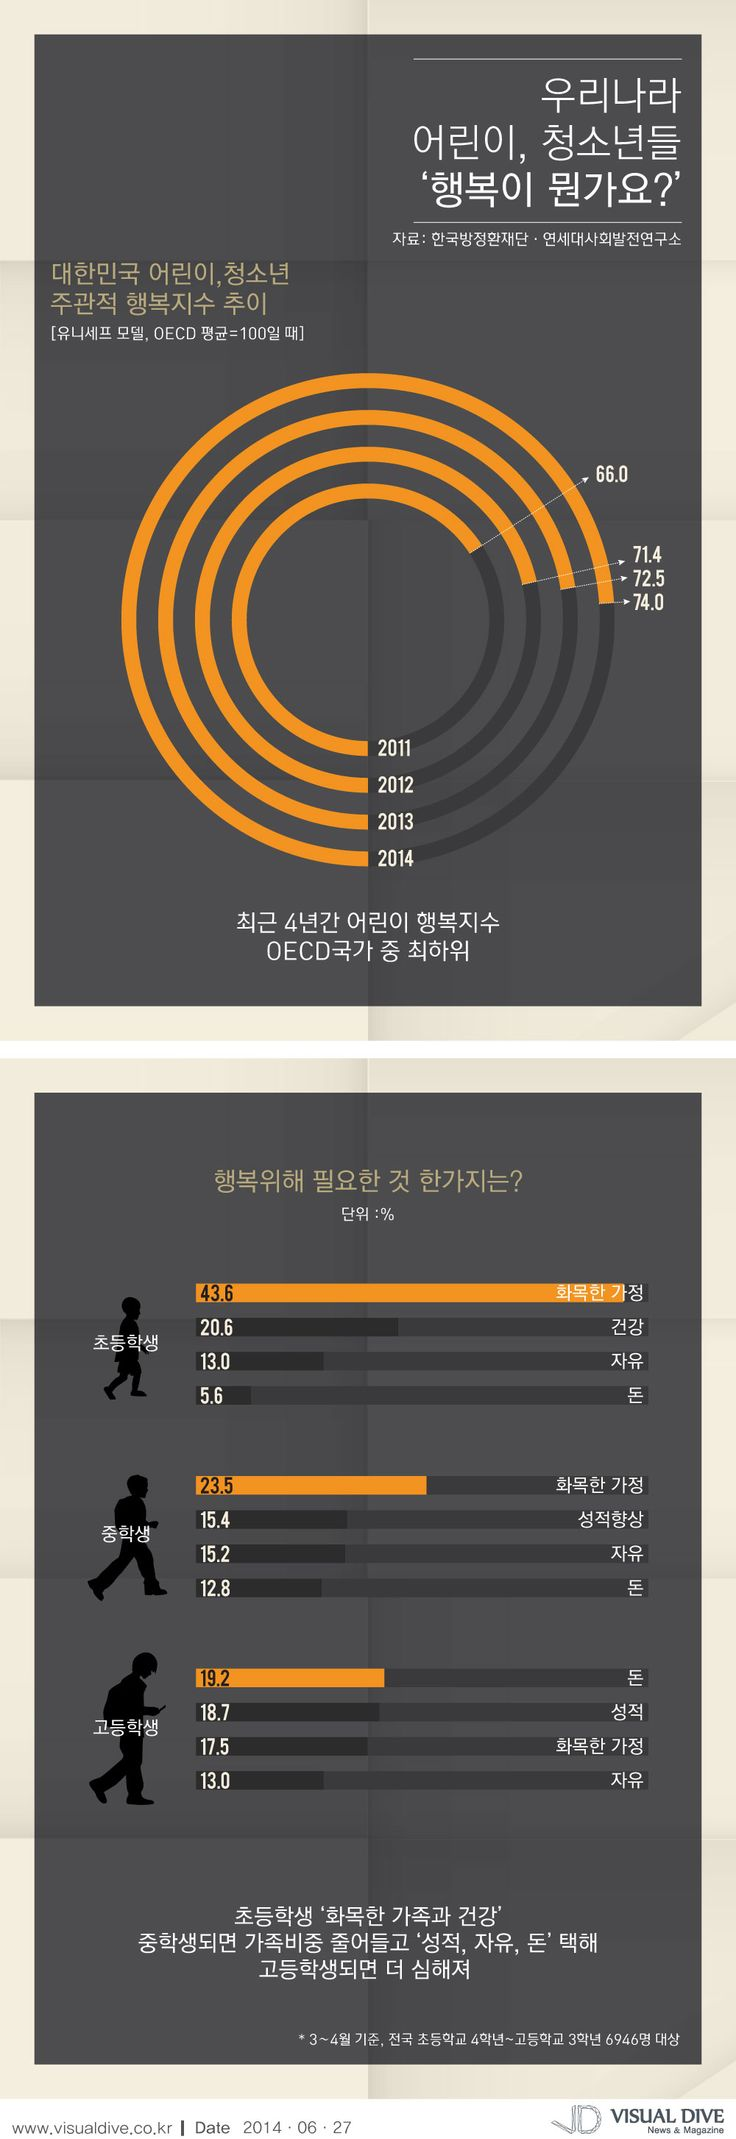 어린이, 청소년 행복지수 OECD 최하위…고등학생, 행복위해 필요한 것 한 가지 '돈'  [인포그래픽] #child / #Infographic ⓒ 비주얼다이브 무단 복사·전재·재배포 금지